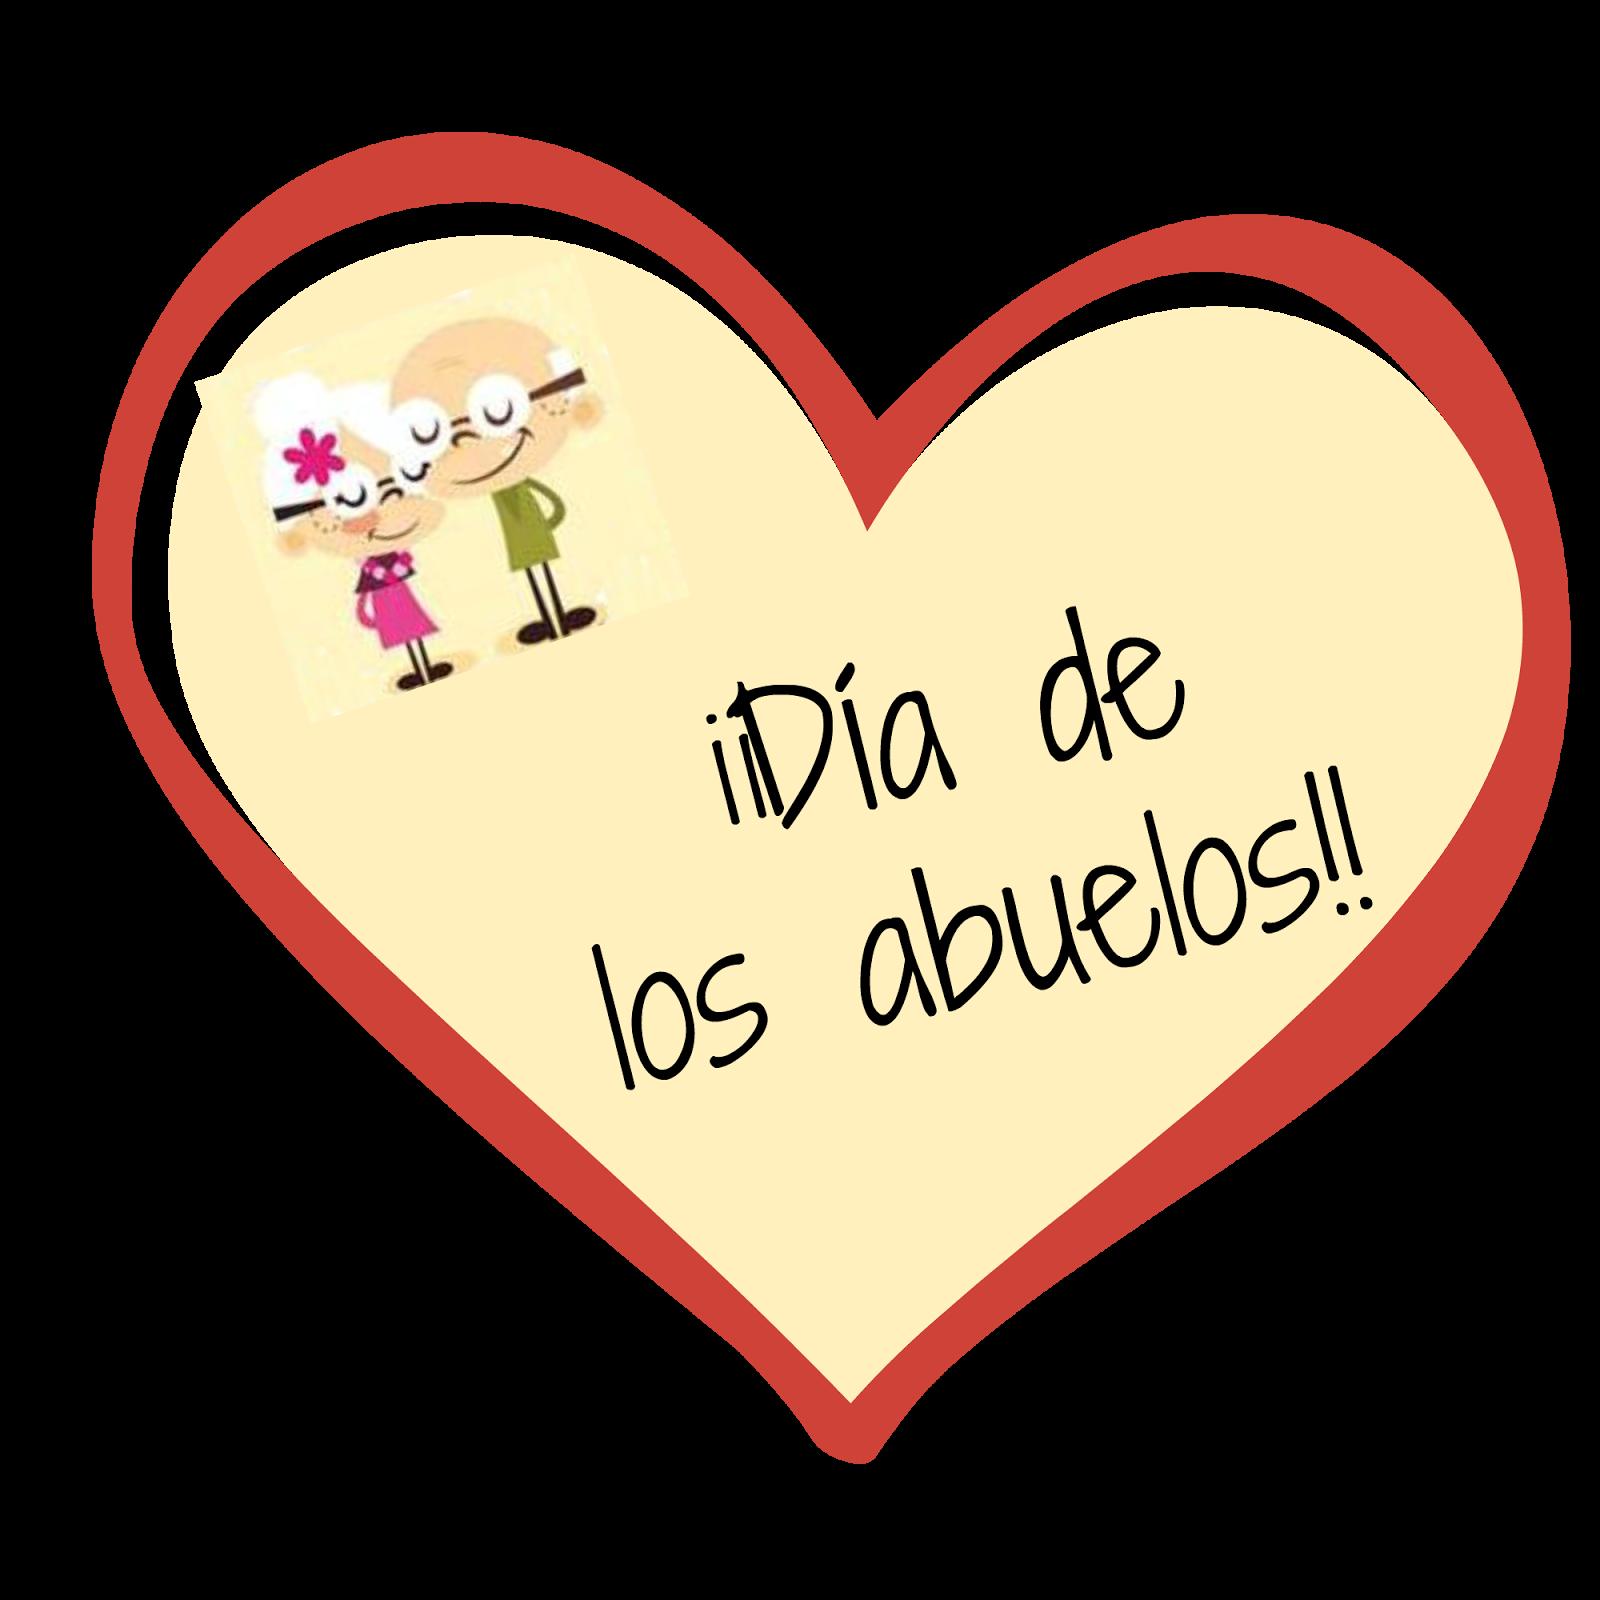 Dorable Marcos Abuelo Bosquejo - Ideas Personalizadas de Marco de ...